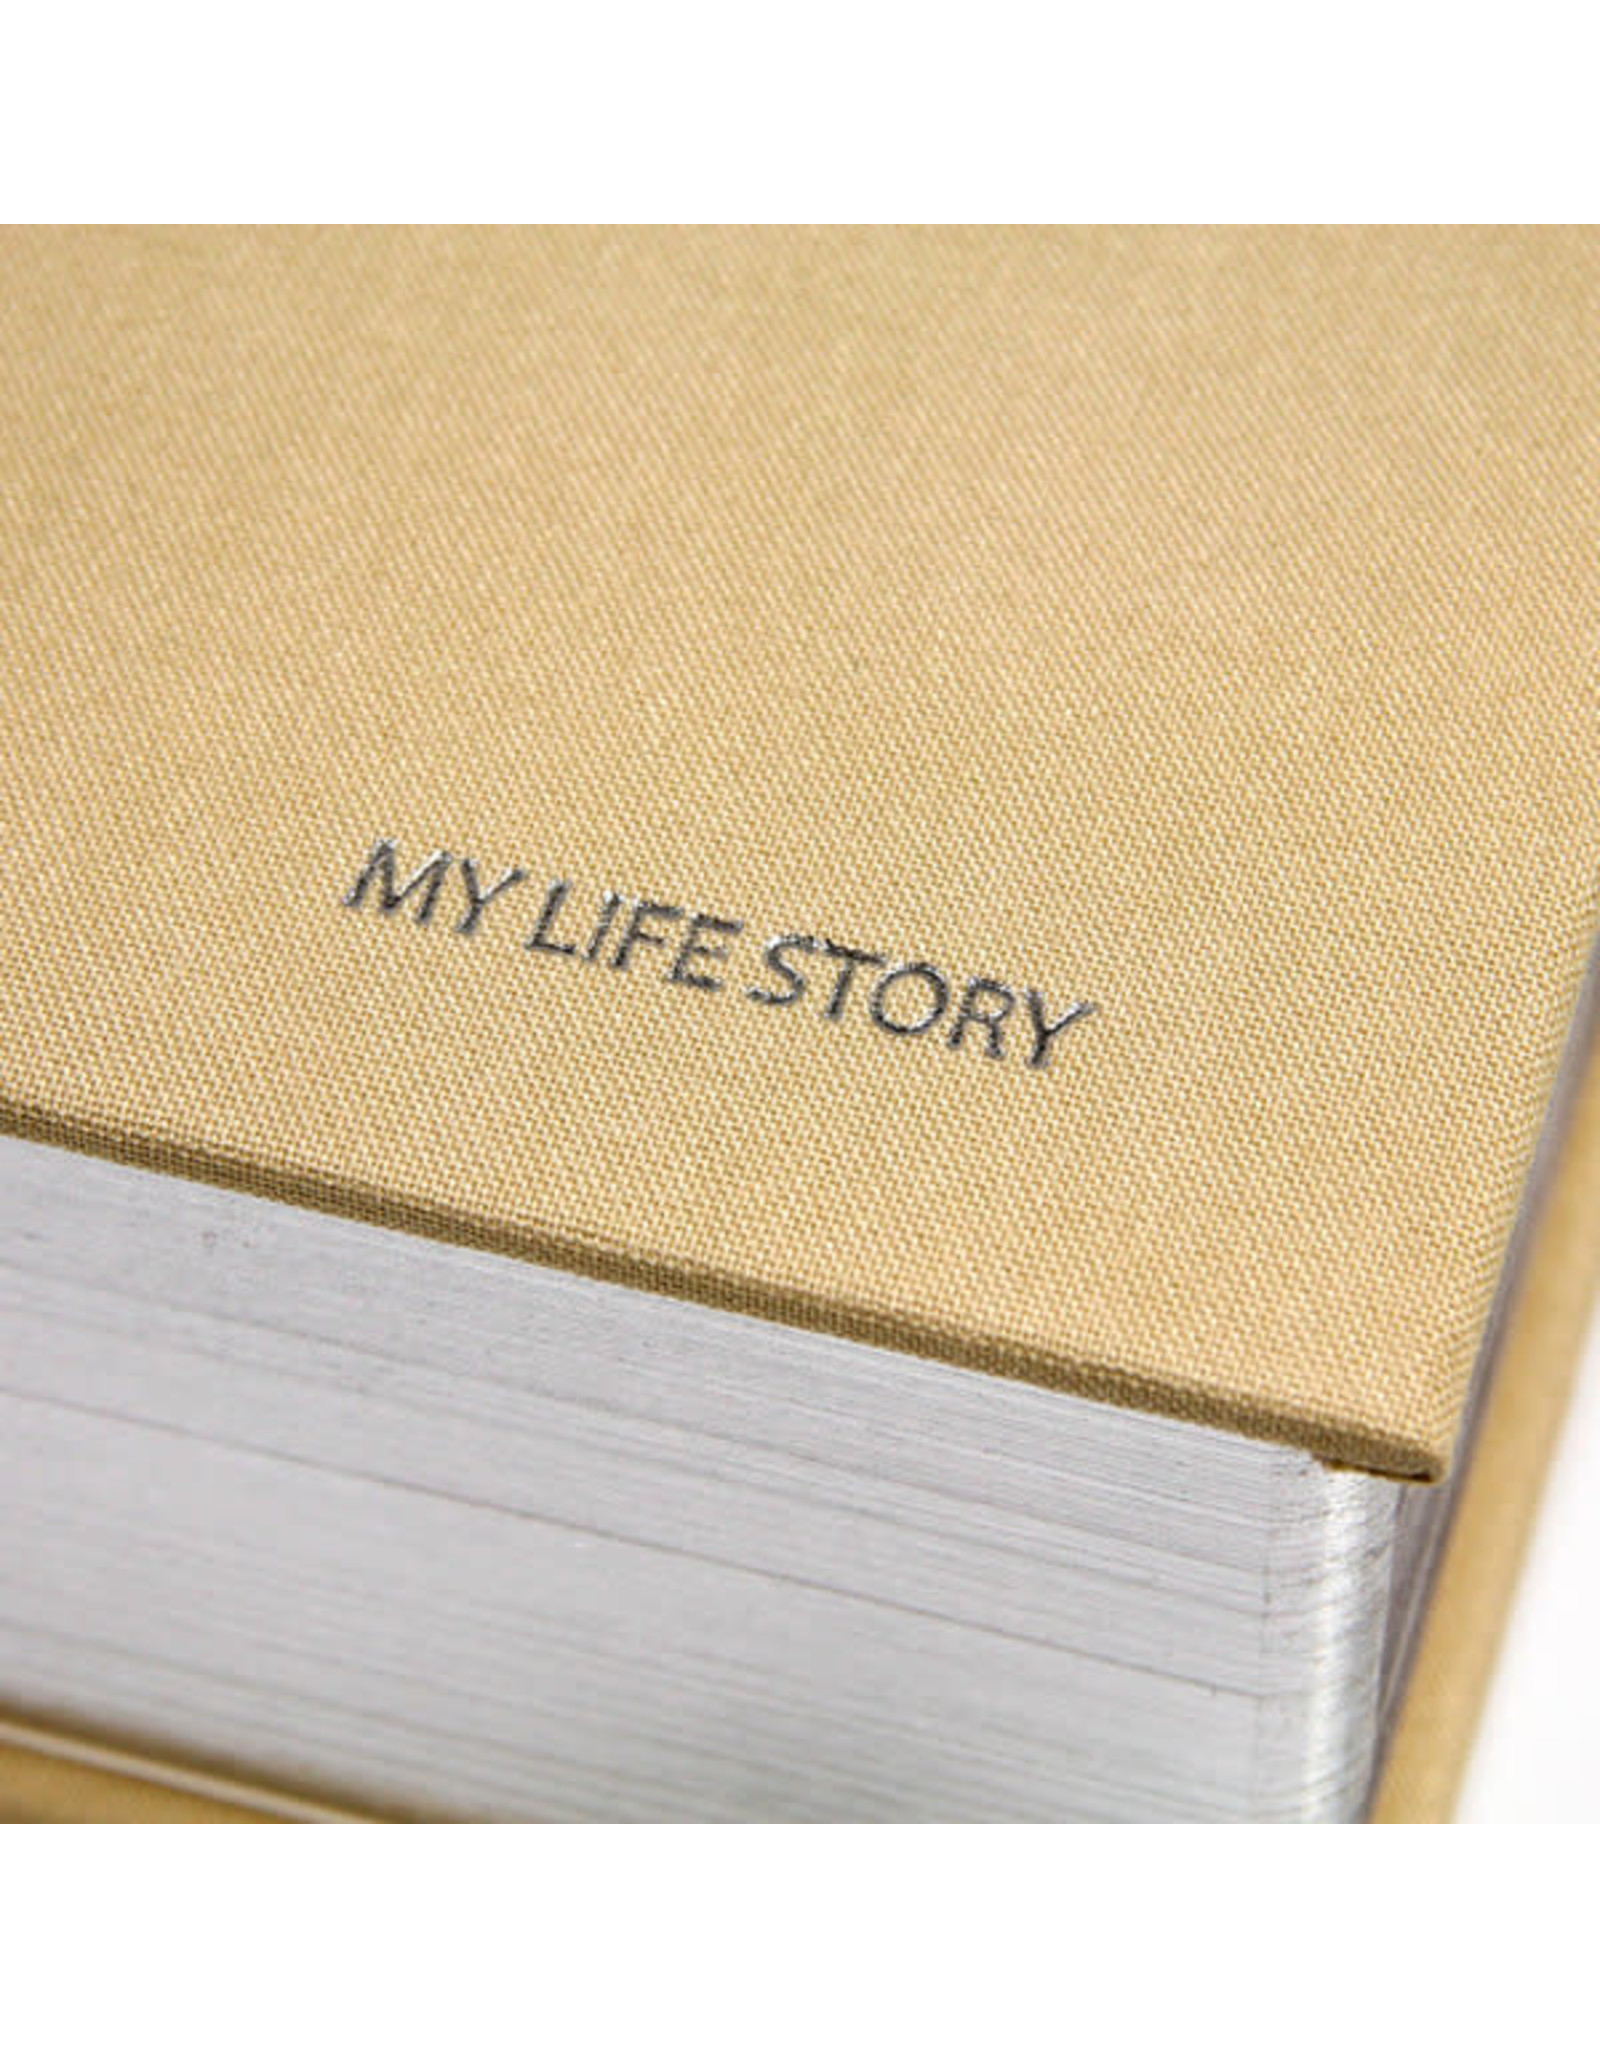 Suck UK My life story